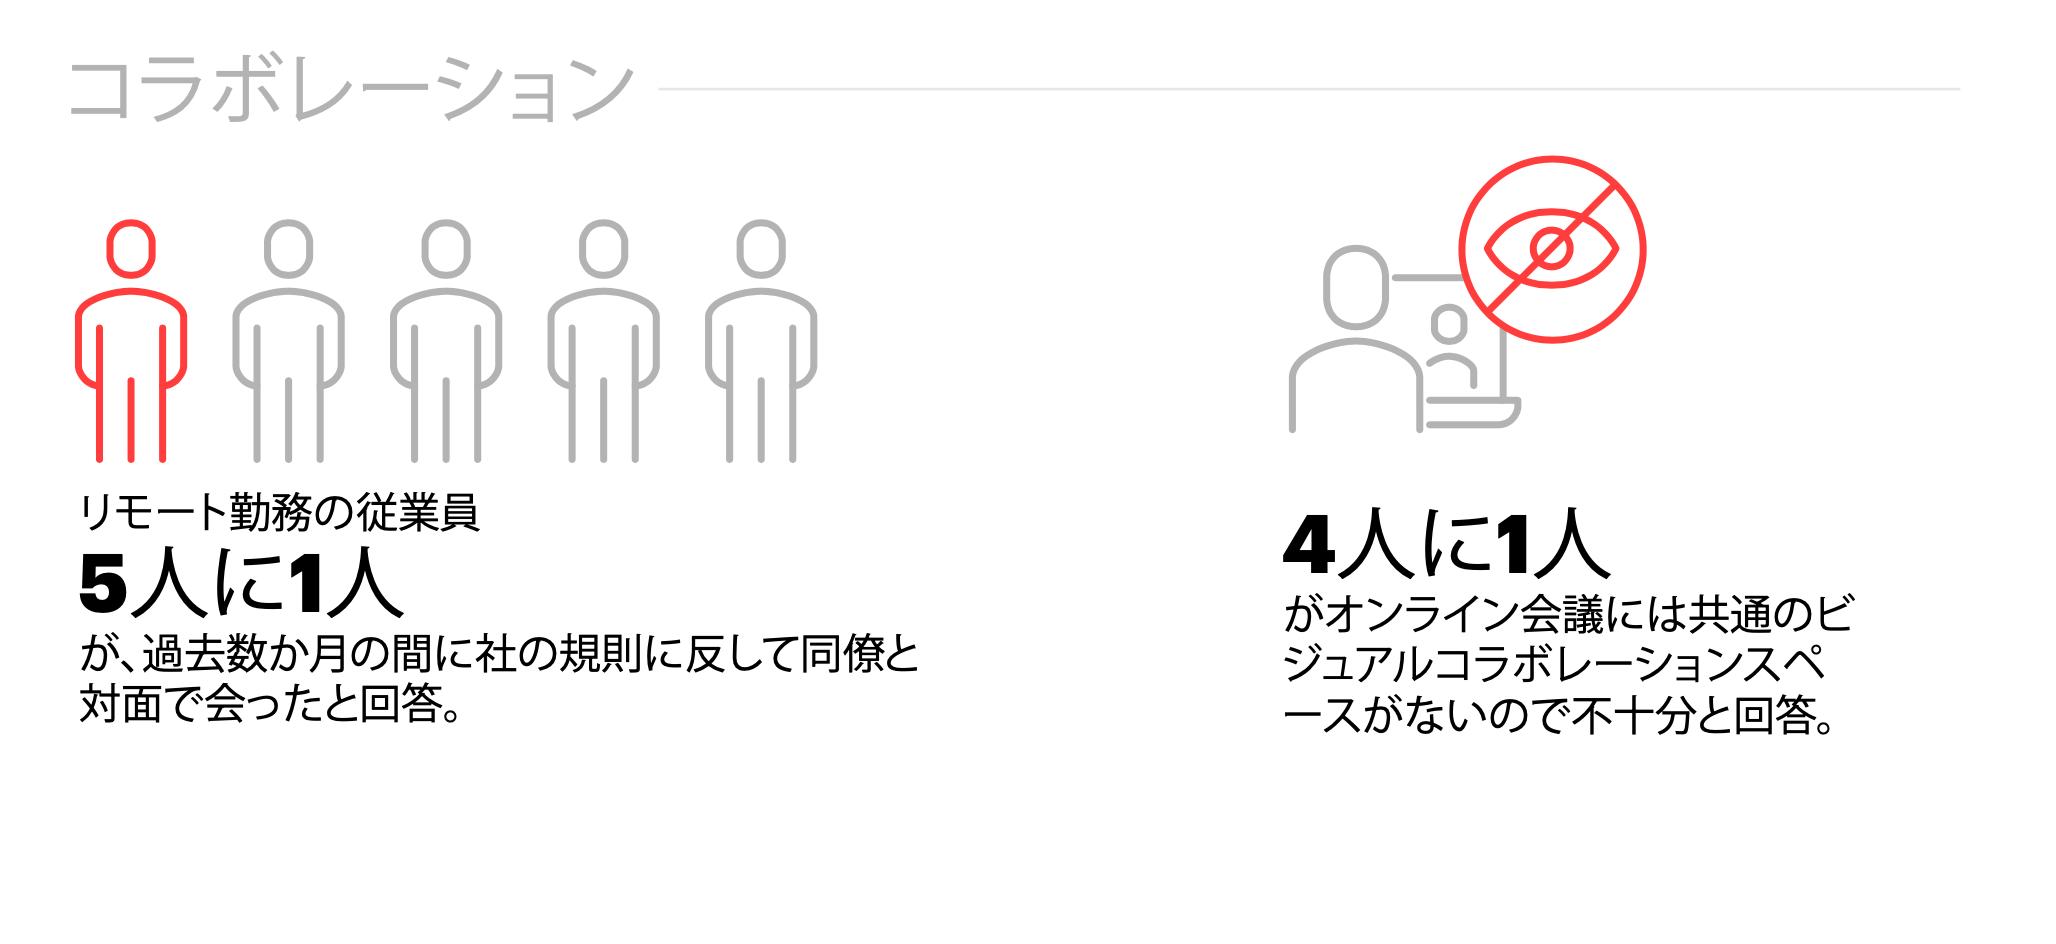 オンライン会議にはビジュアルコラボレーションスペースがないので不十分と主張していることを示す画像。